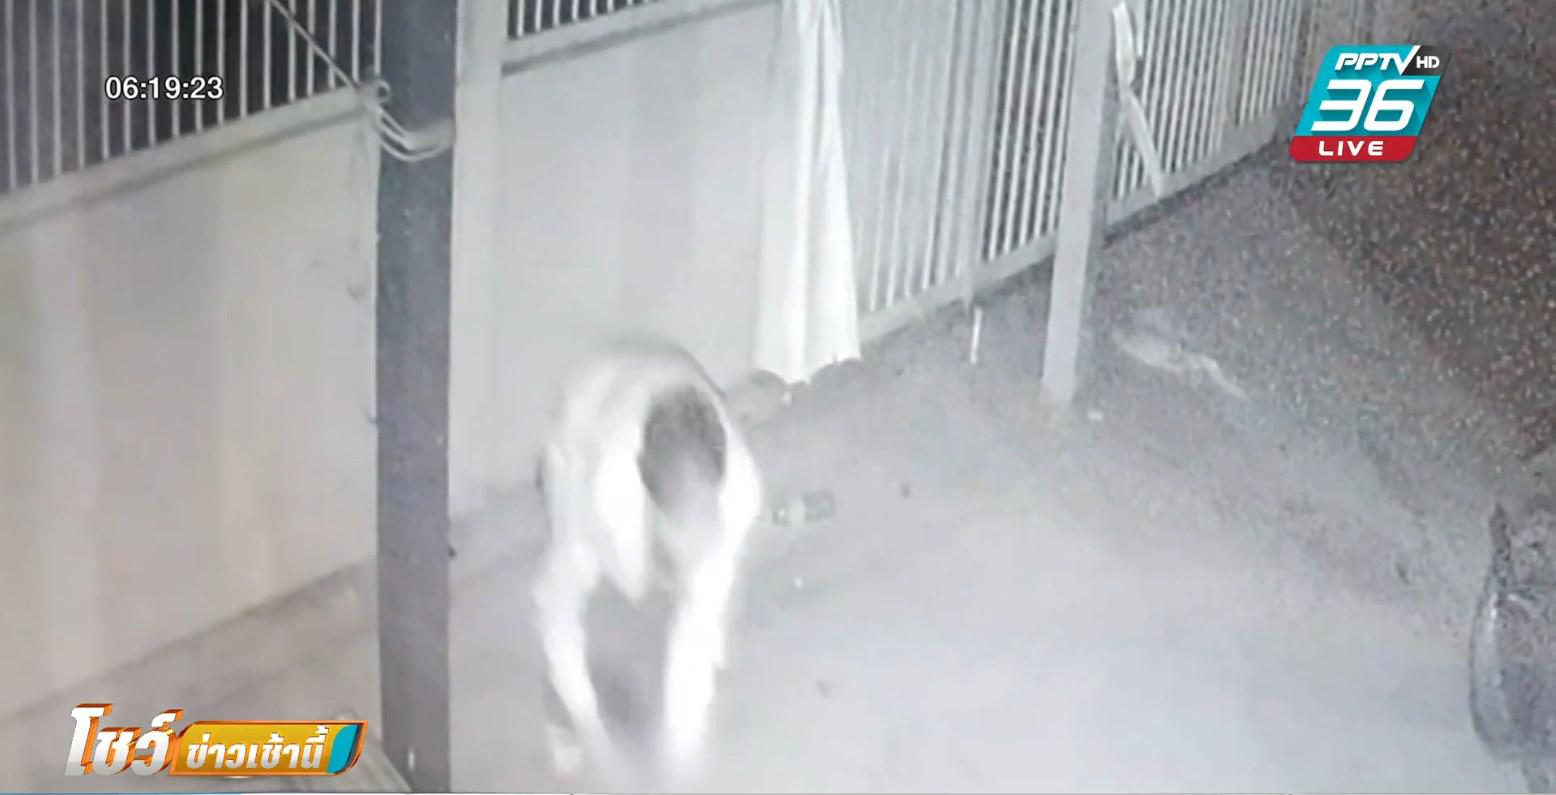 วงจรปิดจับภาพ มือปืนแอบนั่งข้างรั้ว ยิงชายวัย 67 ปี รอดรั้วบ้าน